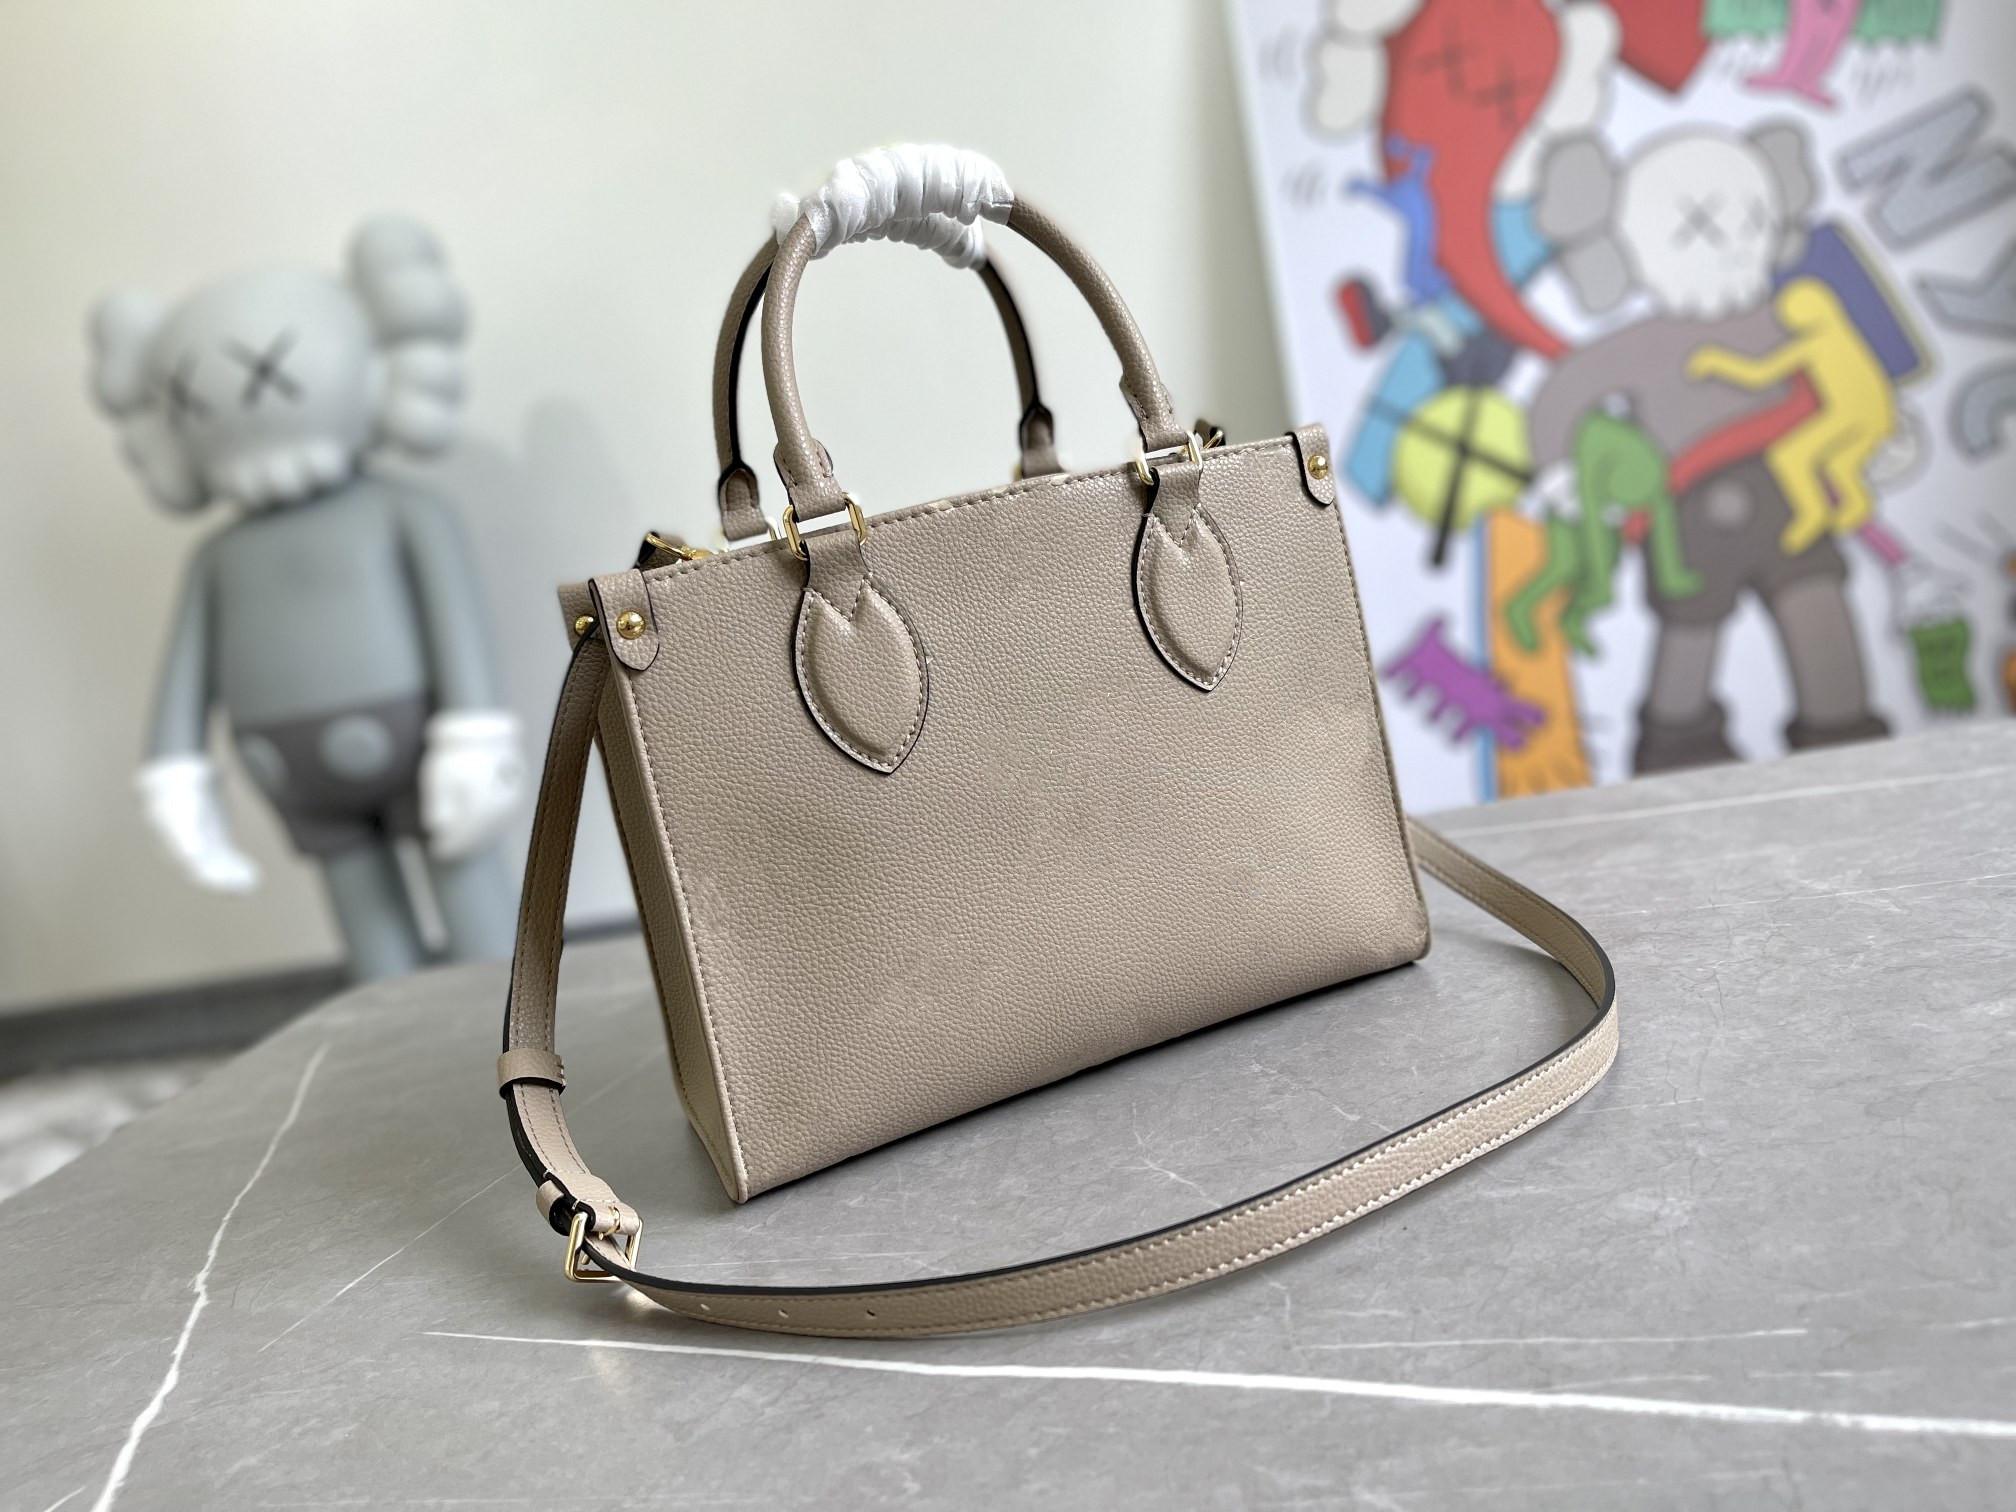 2021 Louis VuittonSS Ladies Crossbody Bag Vintage Handbag Plain Classic Letter Cowhide Double Handle Delicate Tote Bags Women Fashion Shoulder Handbags Totes